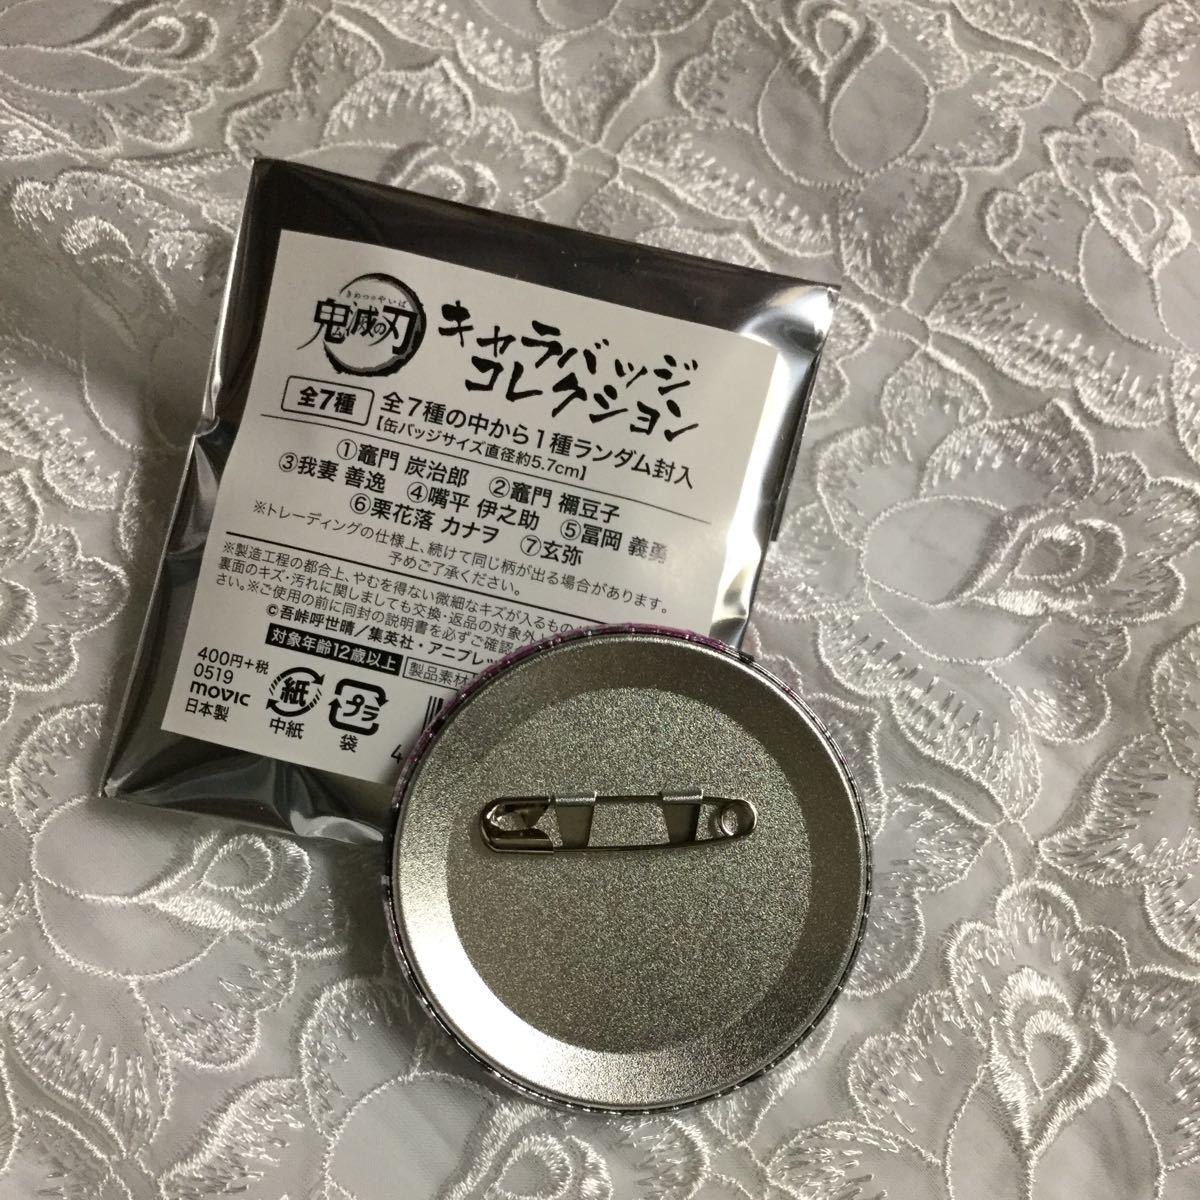 鬼滅の刃 缶バッジ 栗花落カナヲ 墨絵風